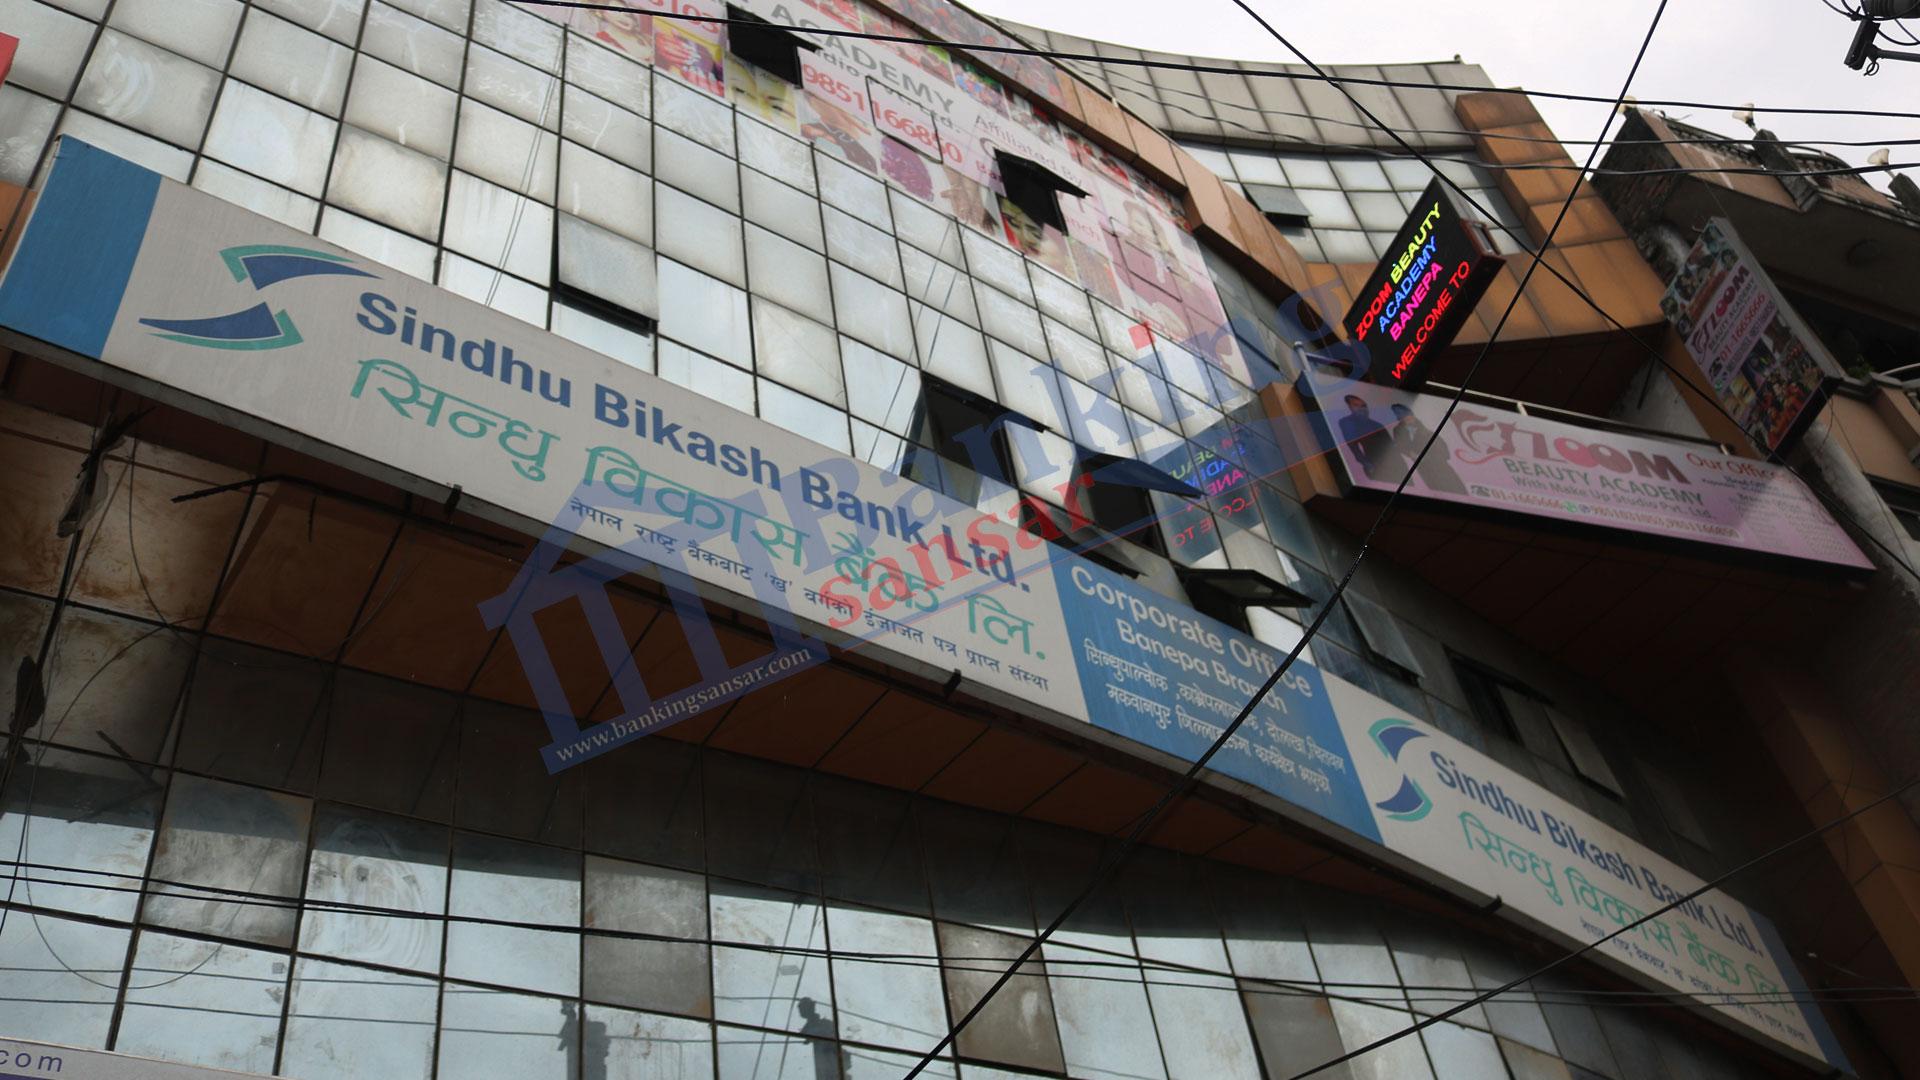 Sindhu Bikas Bank